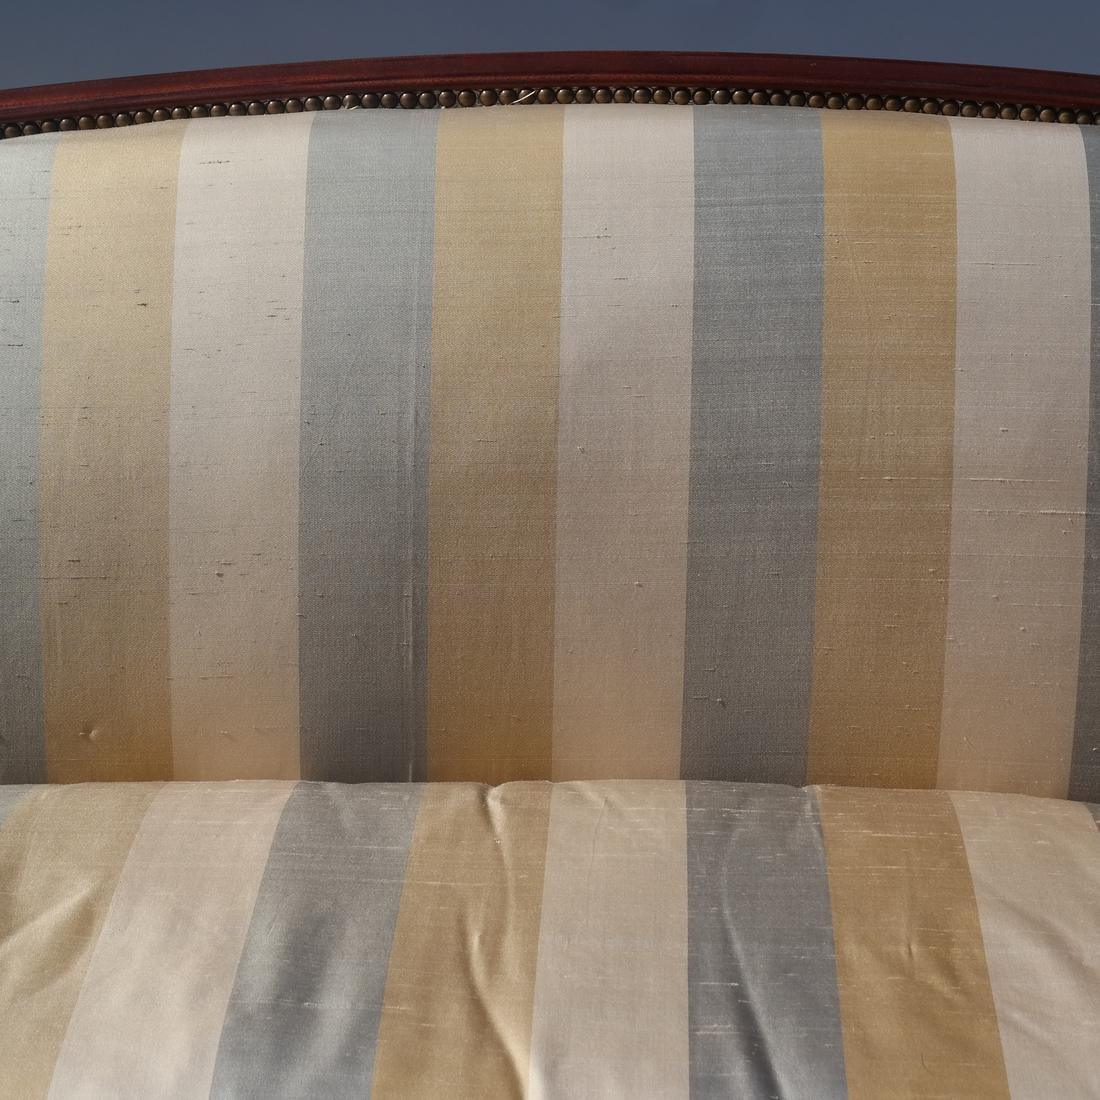 Sheraton-Style Sofa - 4